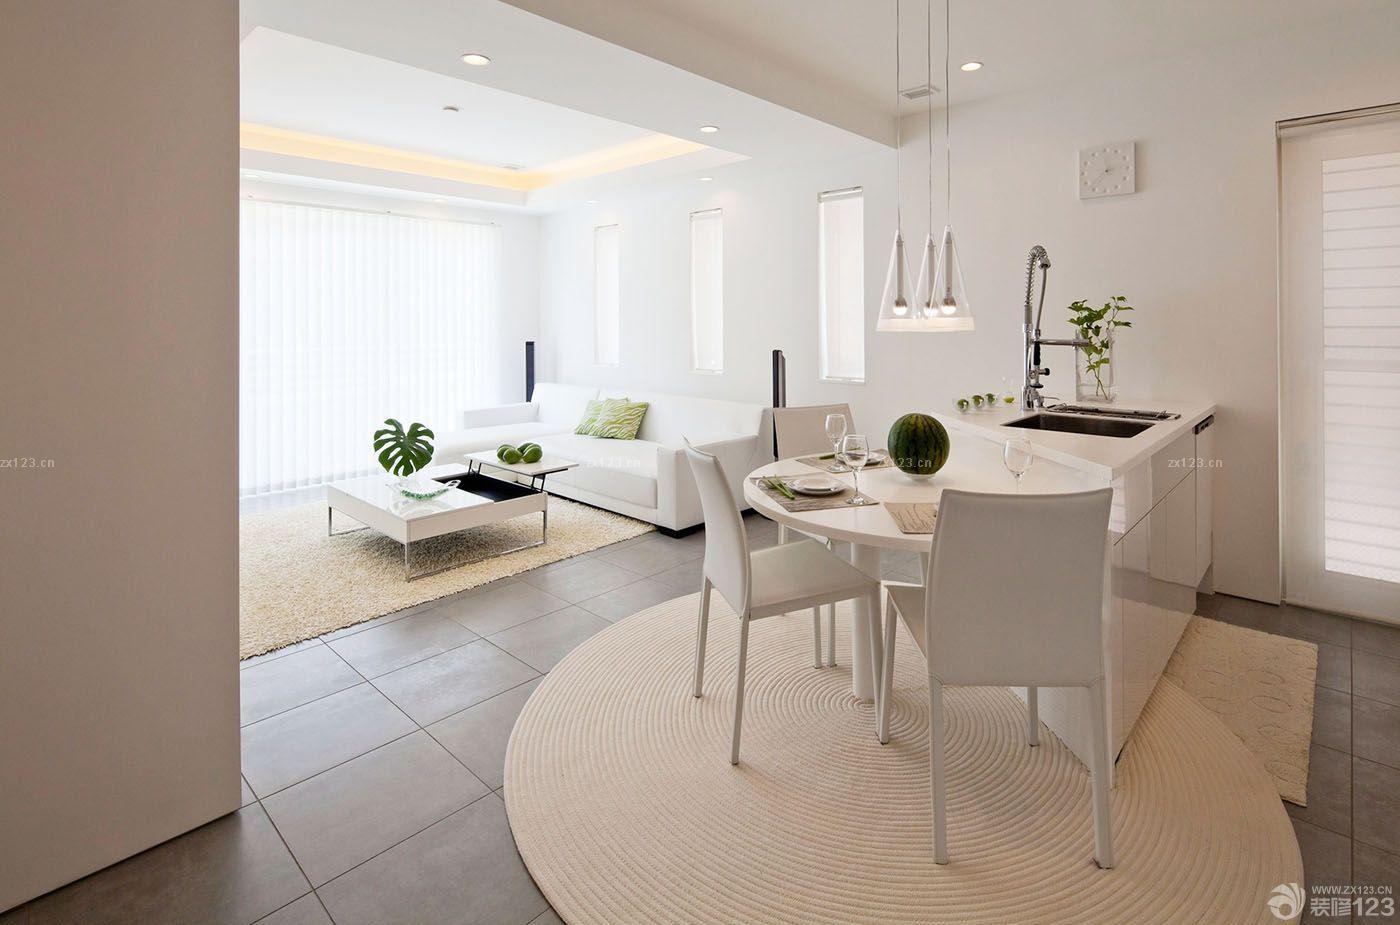 小平米高端装修设计技巧有哪些绵阳房子室内设计图片